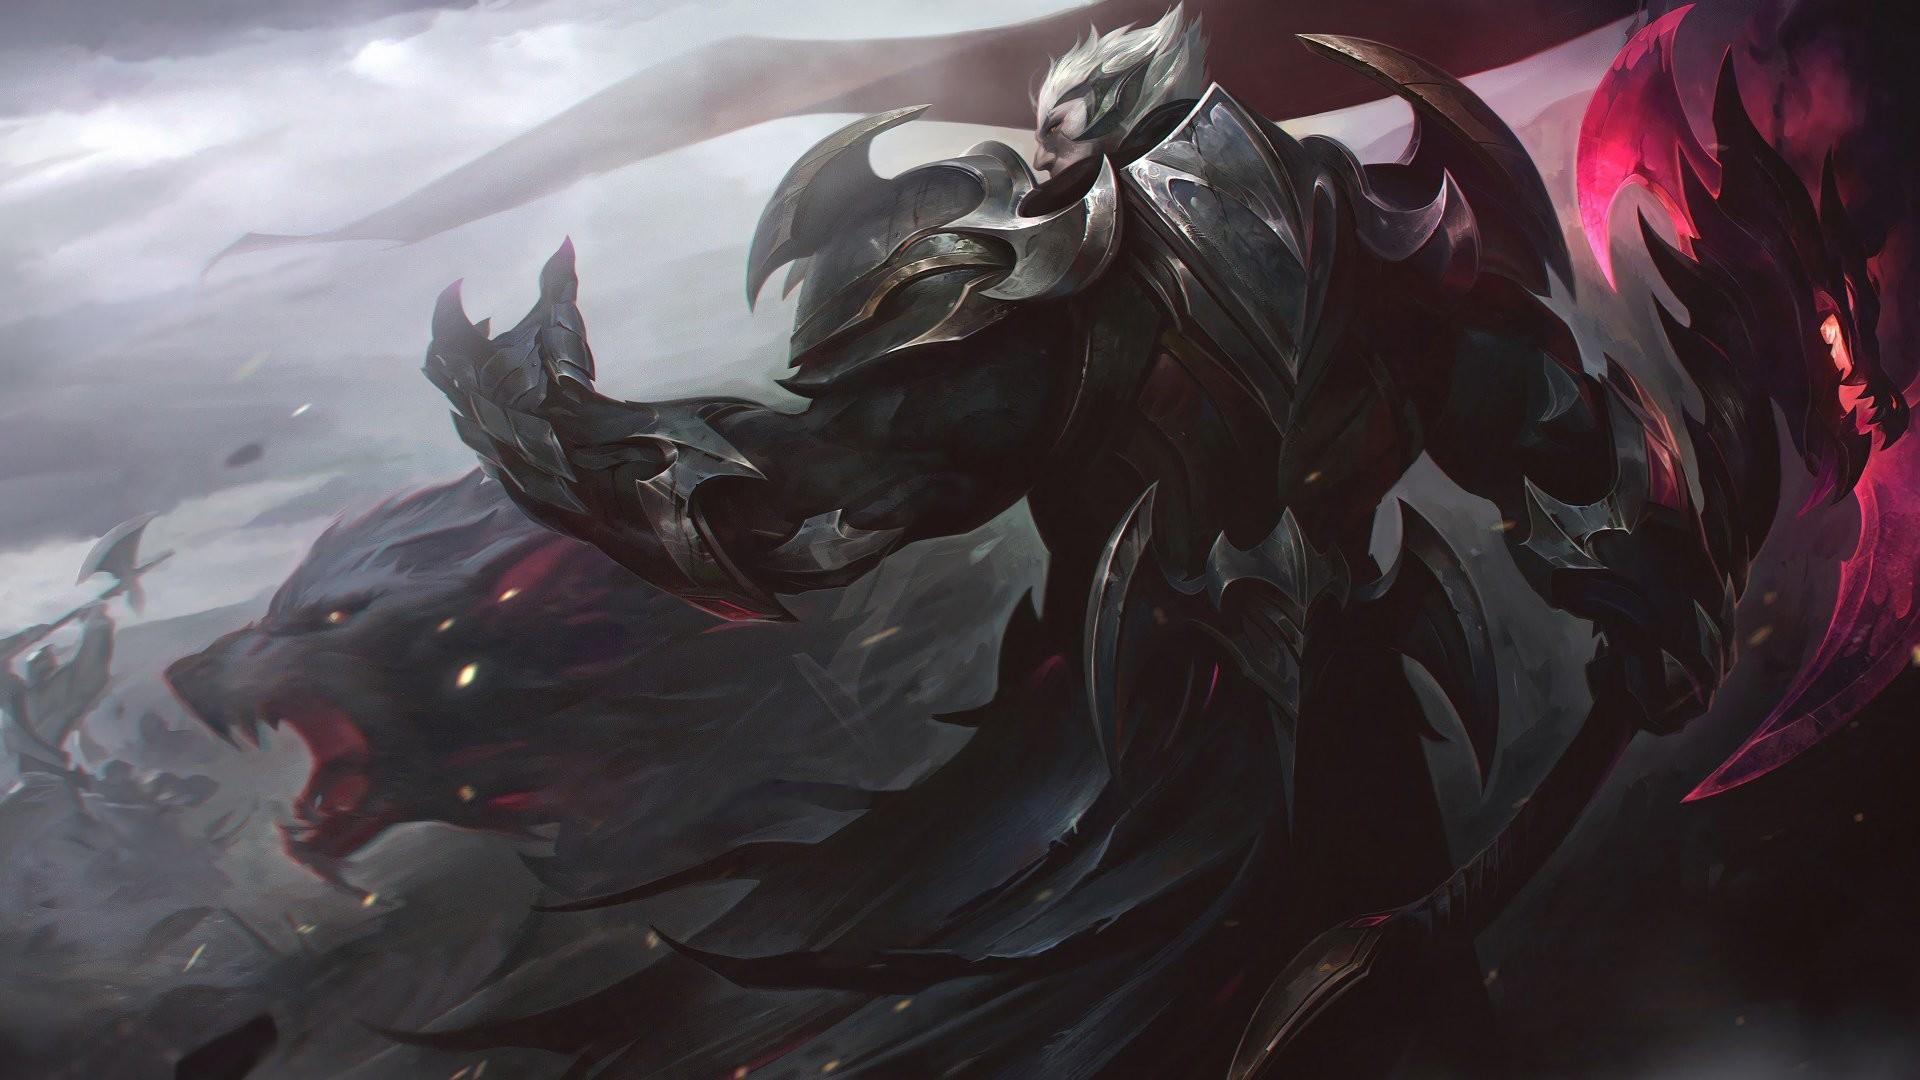 Res: 1920x1080, Computerspiele - League Of Legends Darius (League Of Legends) Wallpaper